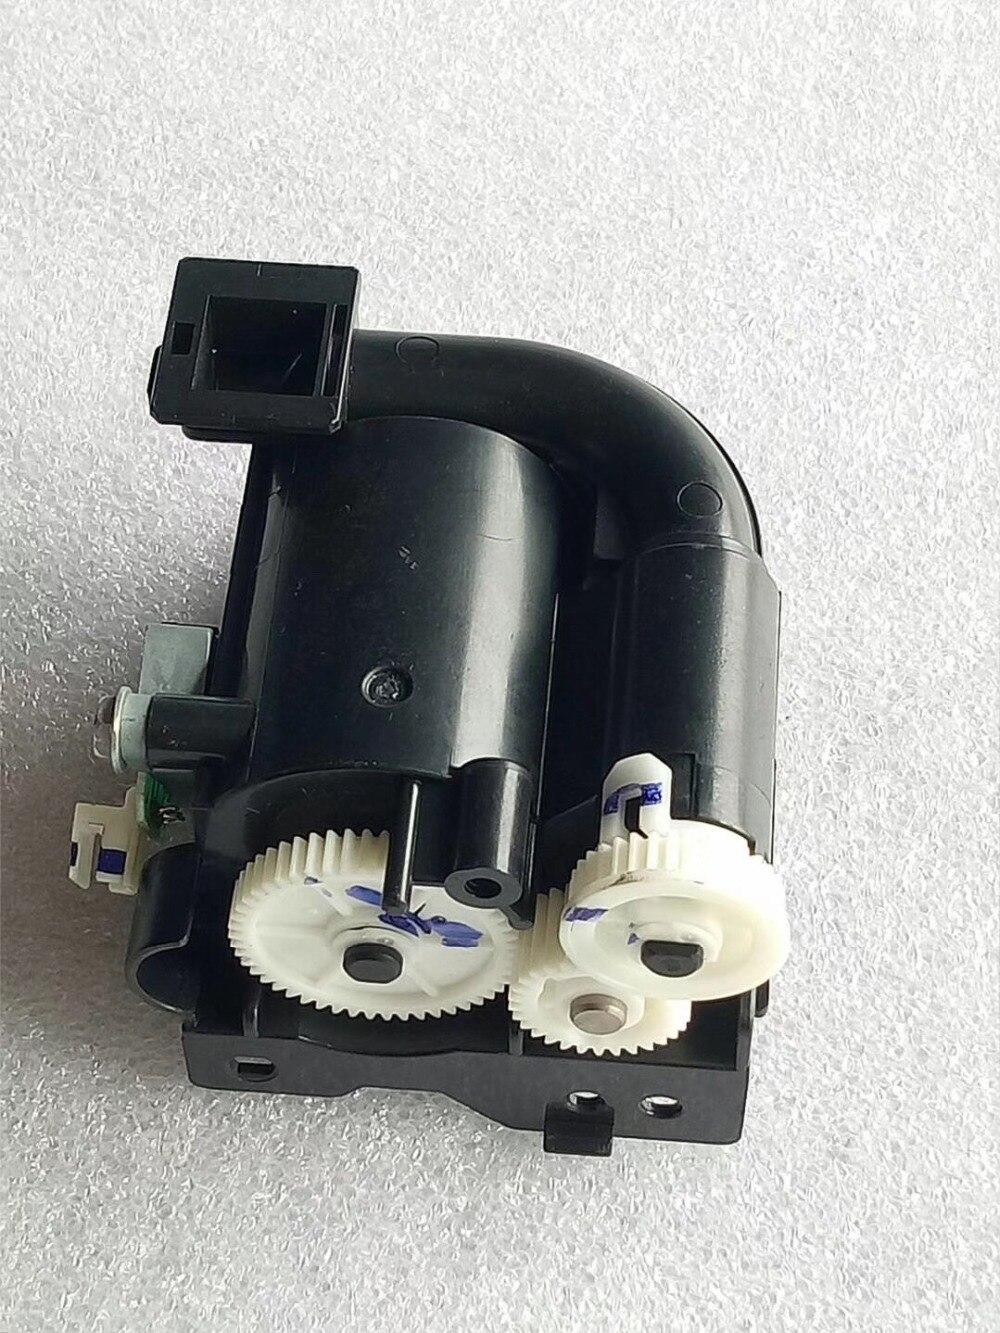 Powder pump for Ricoh C2011/2003/2503/3503/4503/5503/6003    printerPowder pump for Ricoh C2011/2003/2503/3503/4503/5503/6003    printer